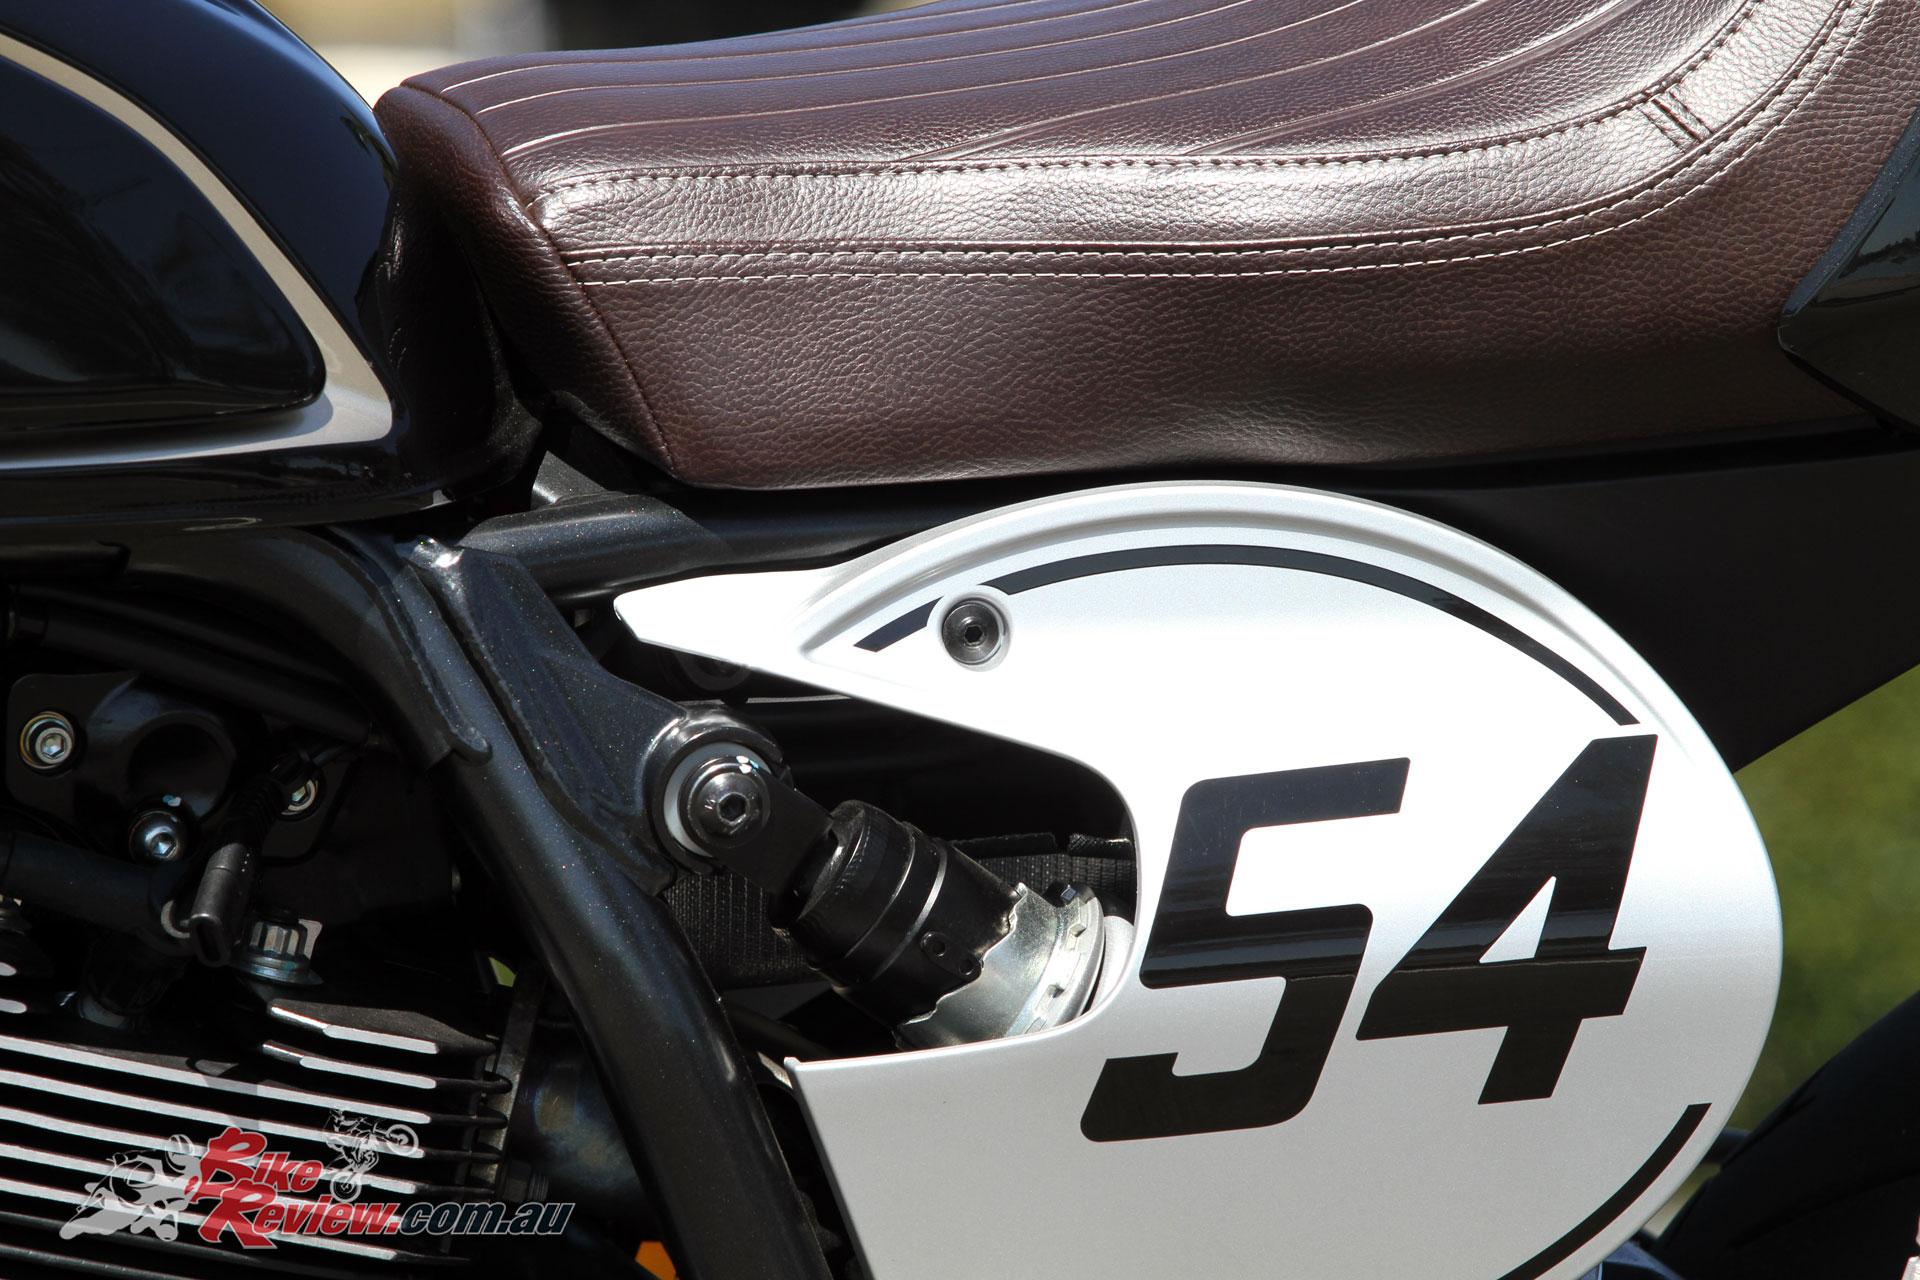 Review 2018 Ducati Scrambler Cafe Racer Bike Review